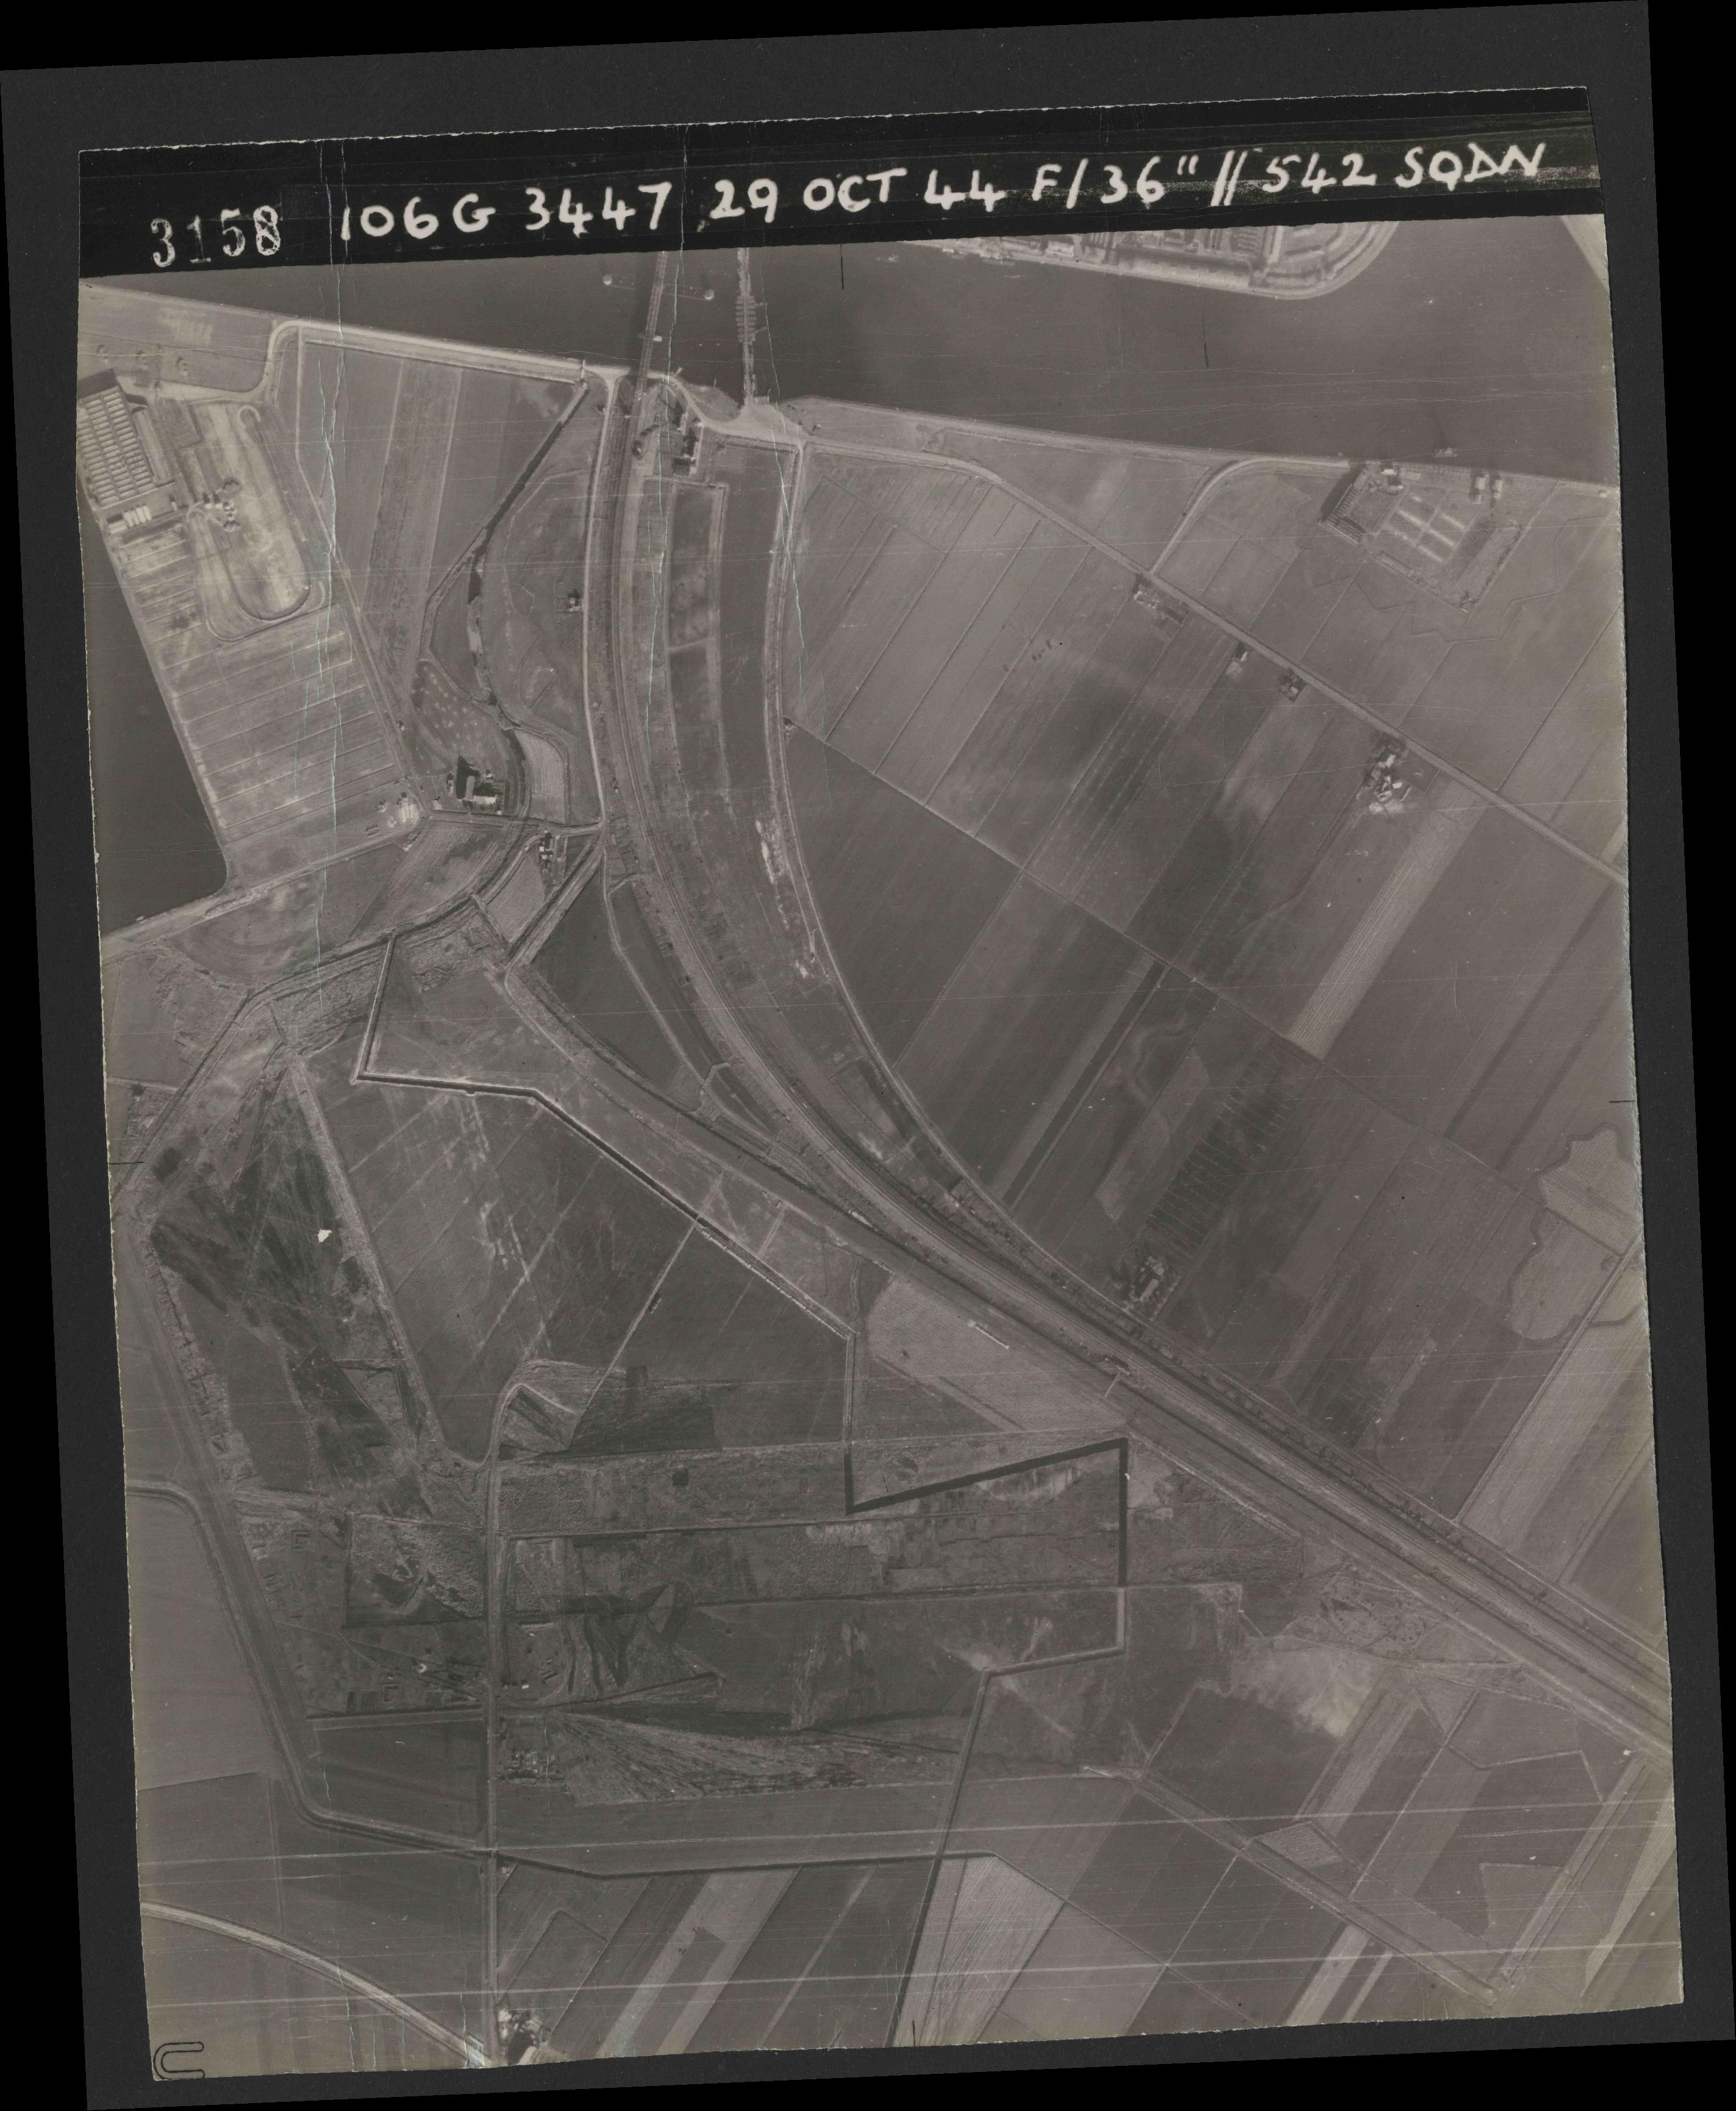 Collection RAF aerial photos 1940-1945 - flight 236, run 05, photo 3158